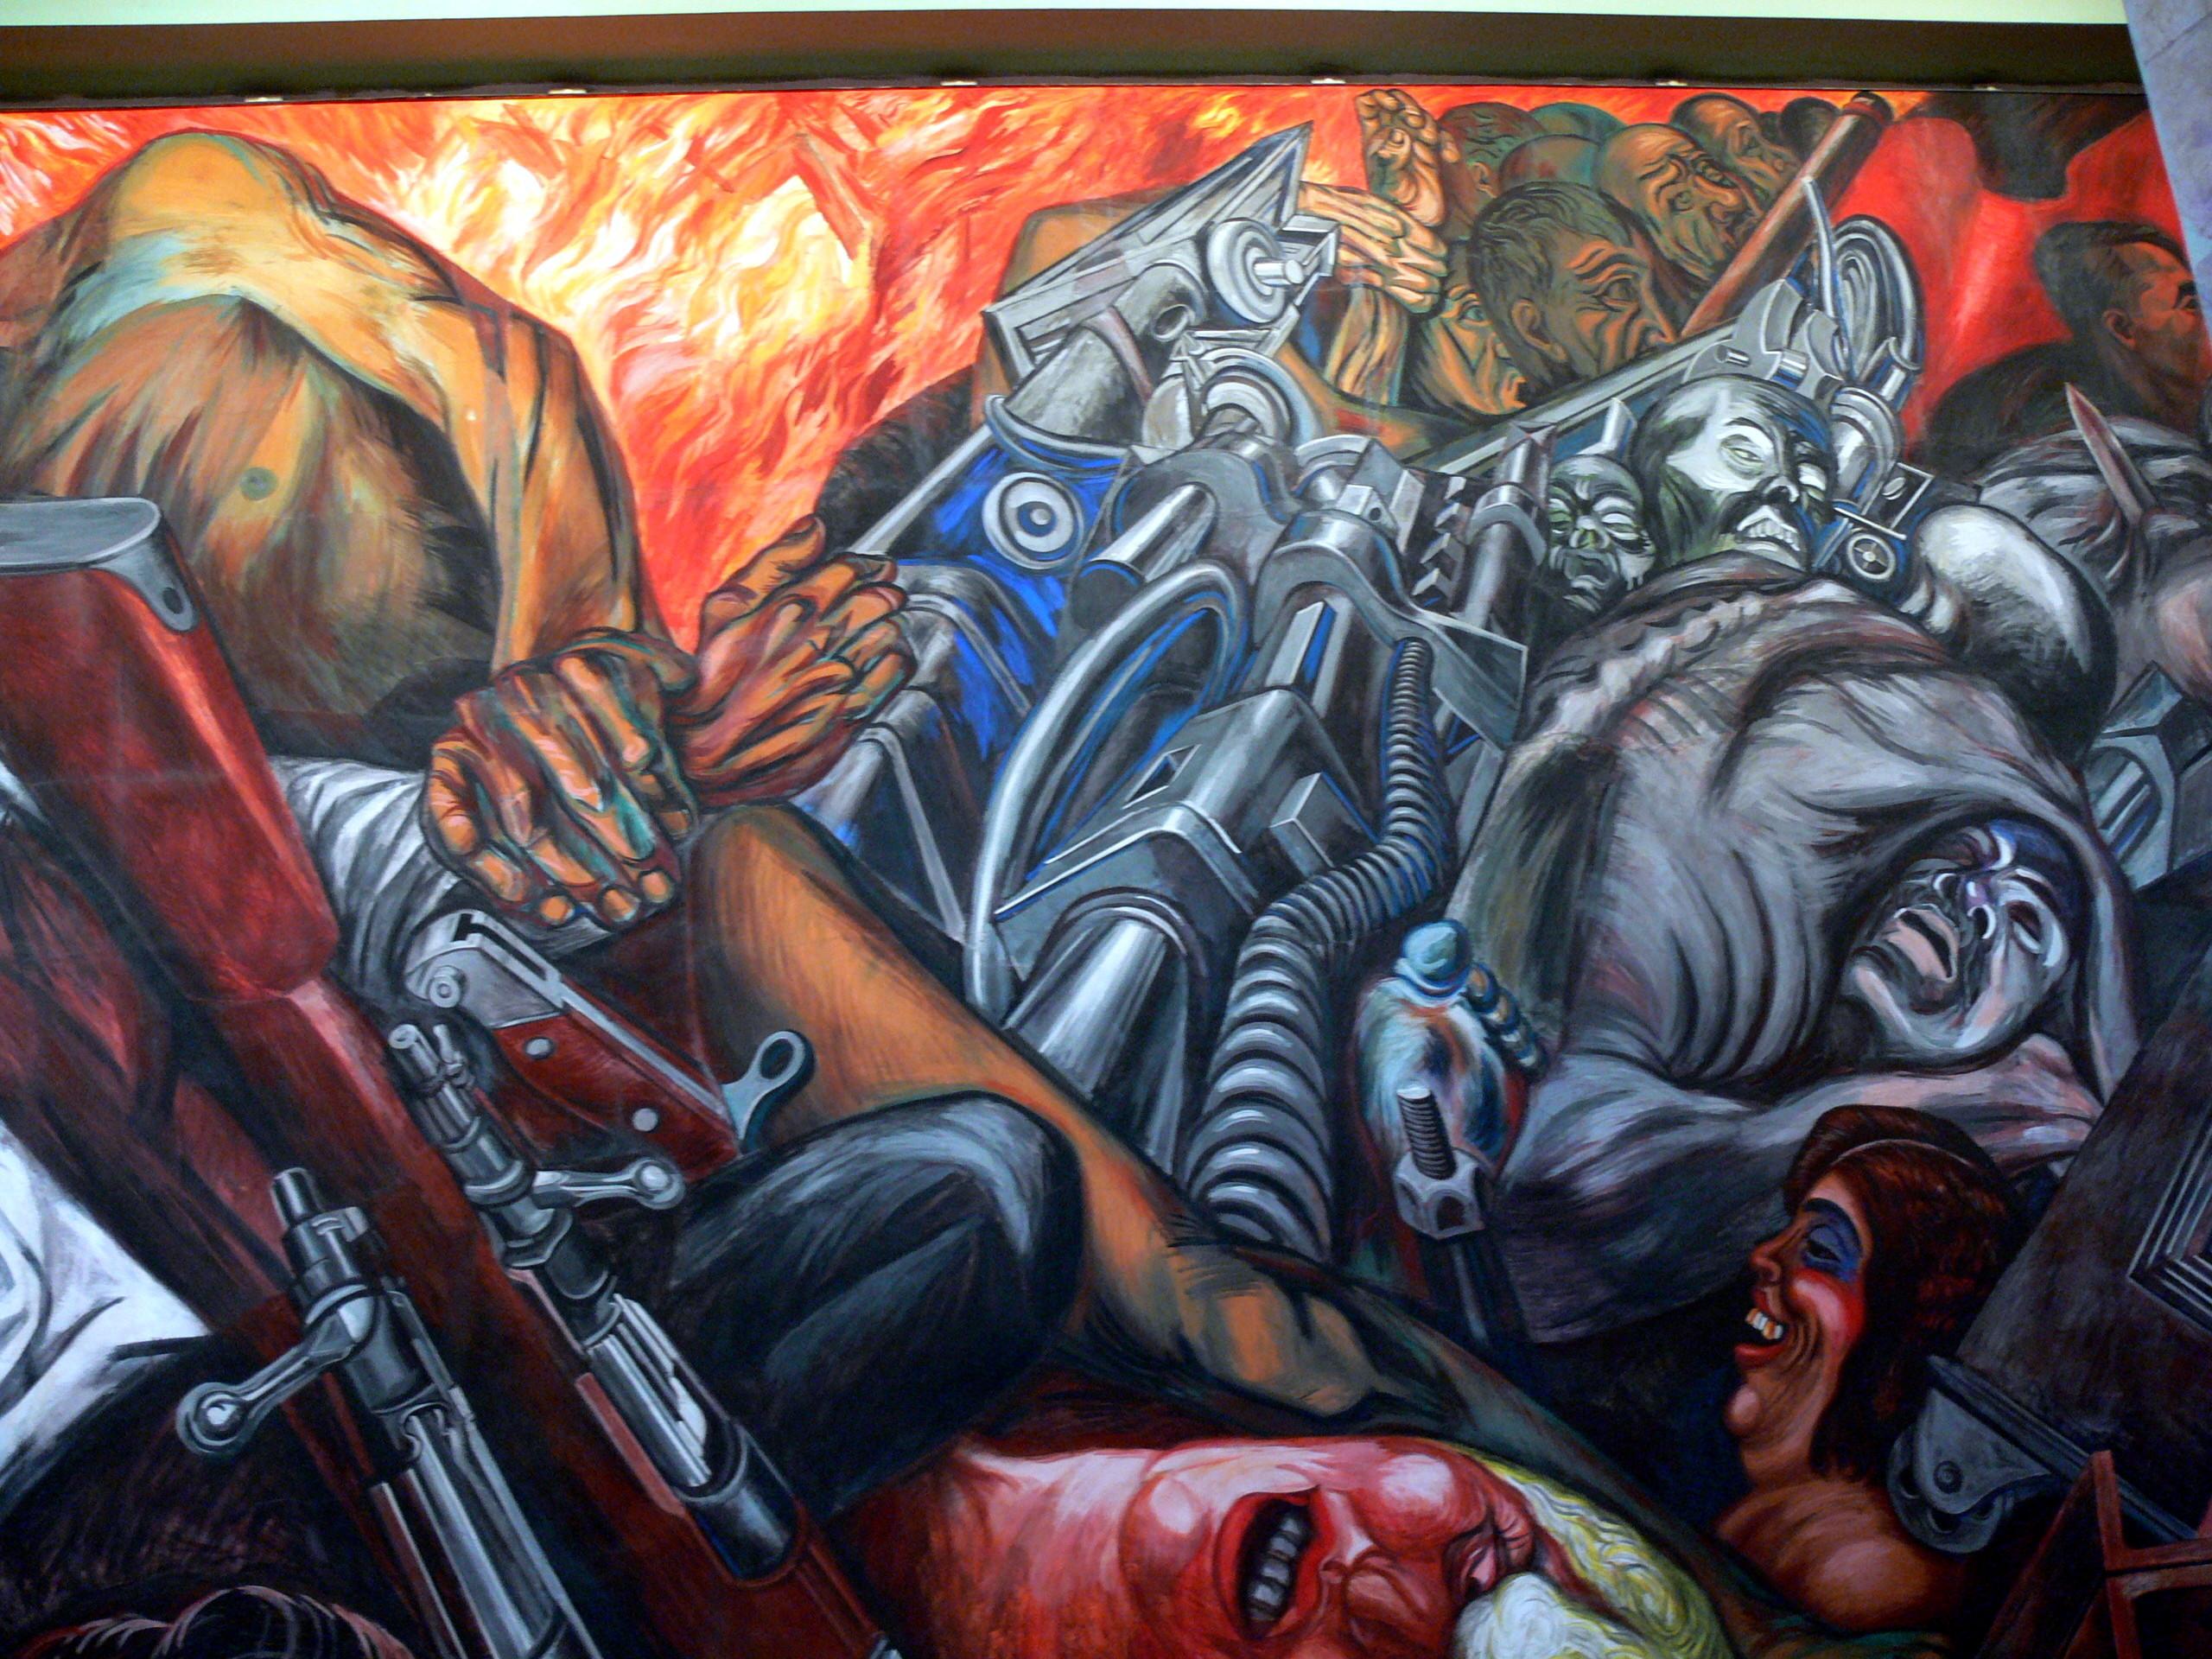 Pin mural de clemente orozco guadalajara on pinterest for El mural guadalajara